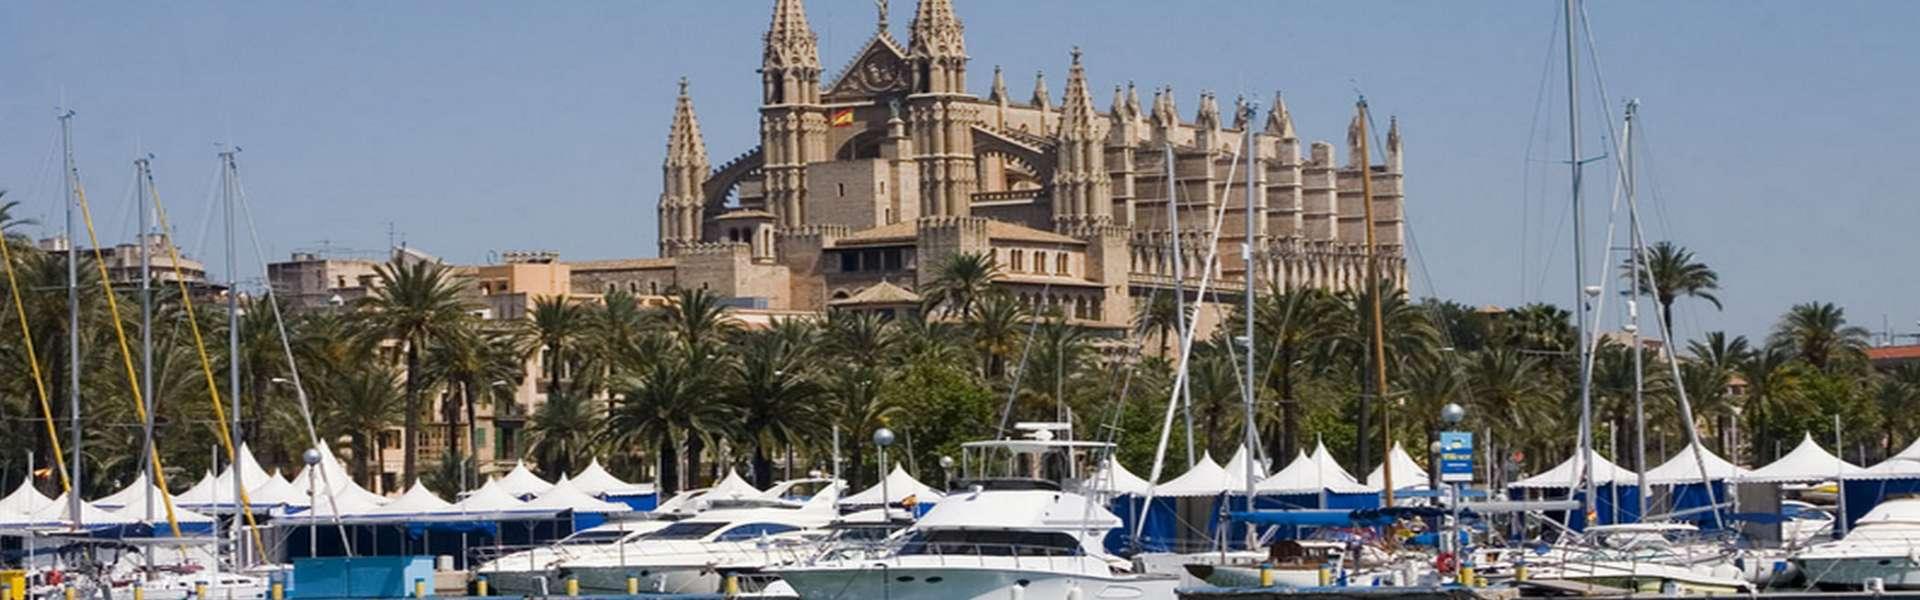 Palma/Paseo Marítimo - Vista al mar/puerto Lofts en la mejor ubicación (apartamentos/áticos)